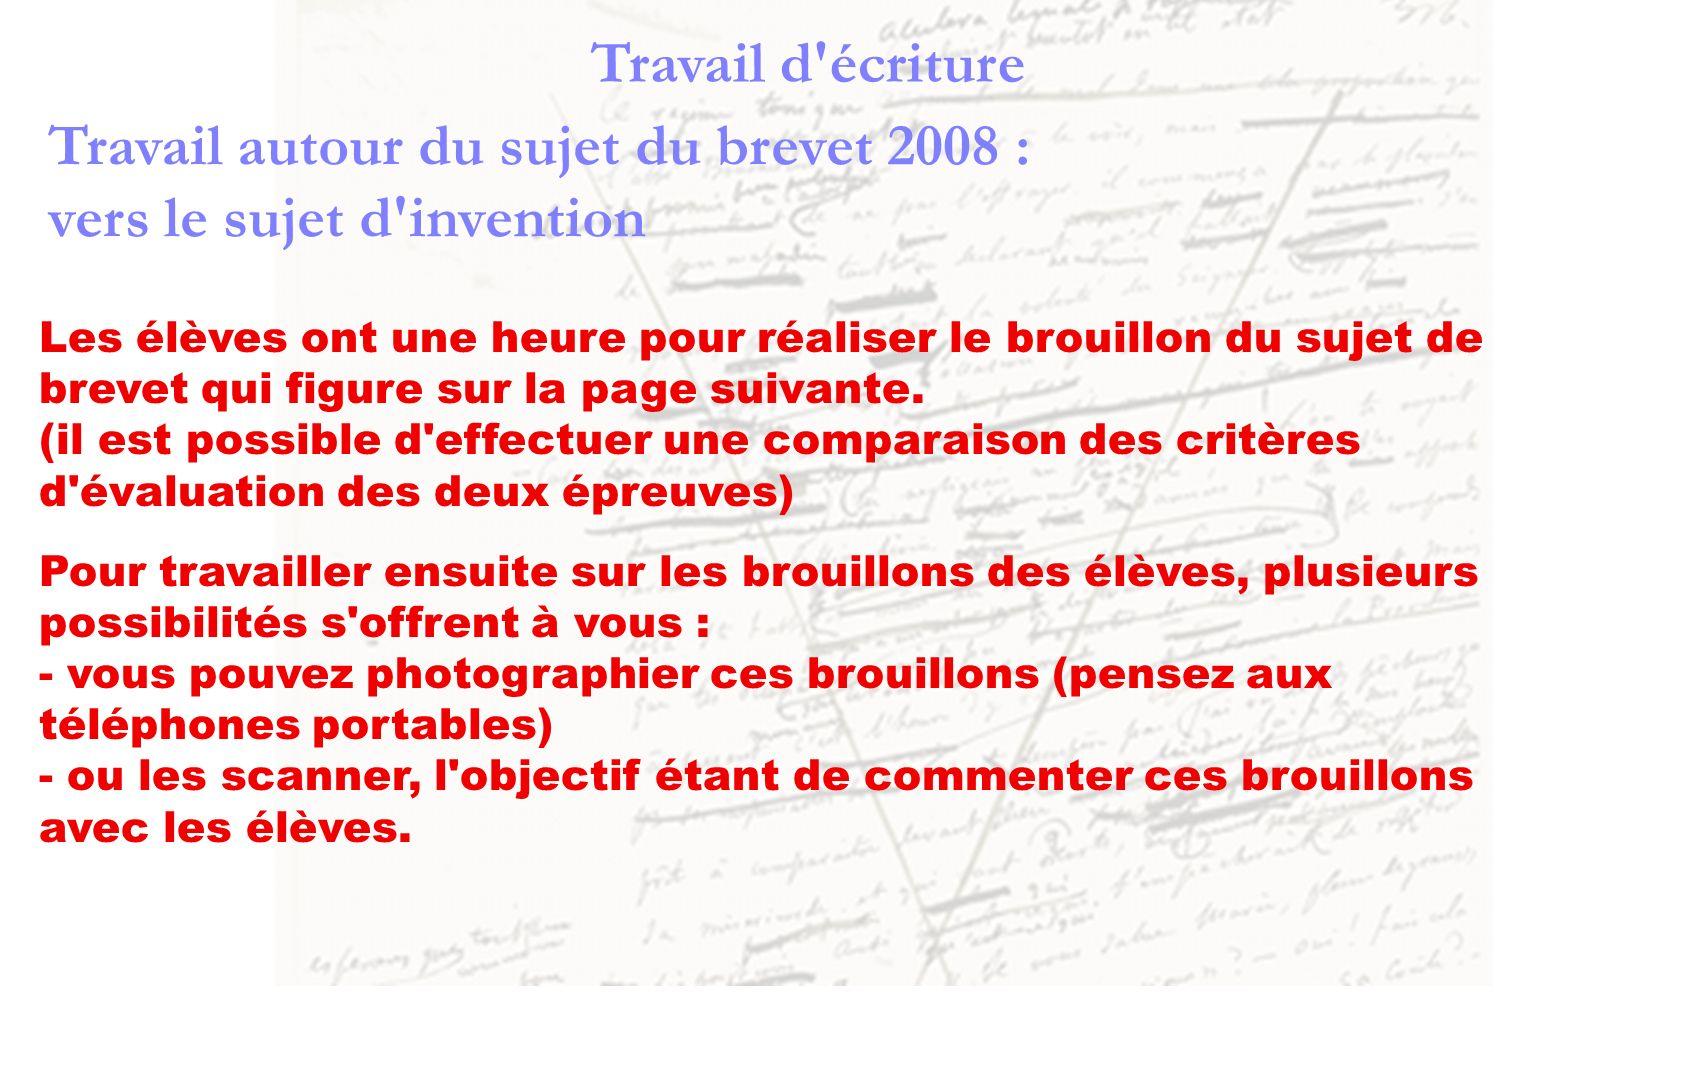 Travail d'écriture Travail autour du sujet du brevet 2008 : vers le sujet d'invention Les élèves ont une heure pour réaliser le brouillon du sujet de